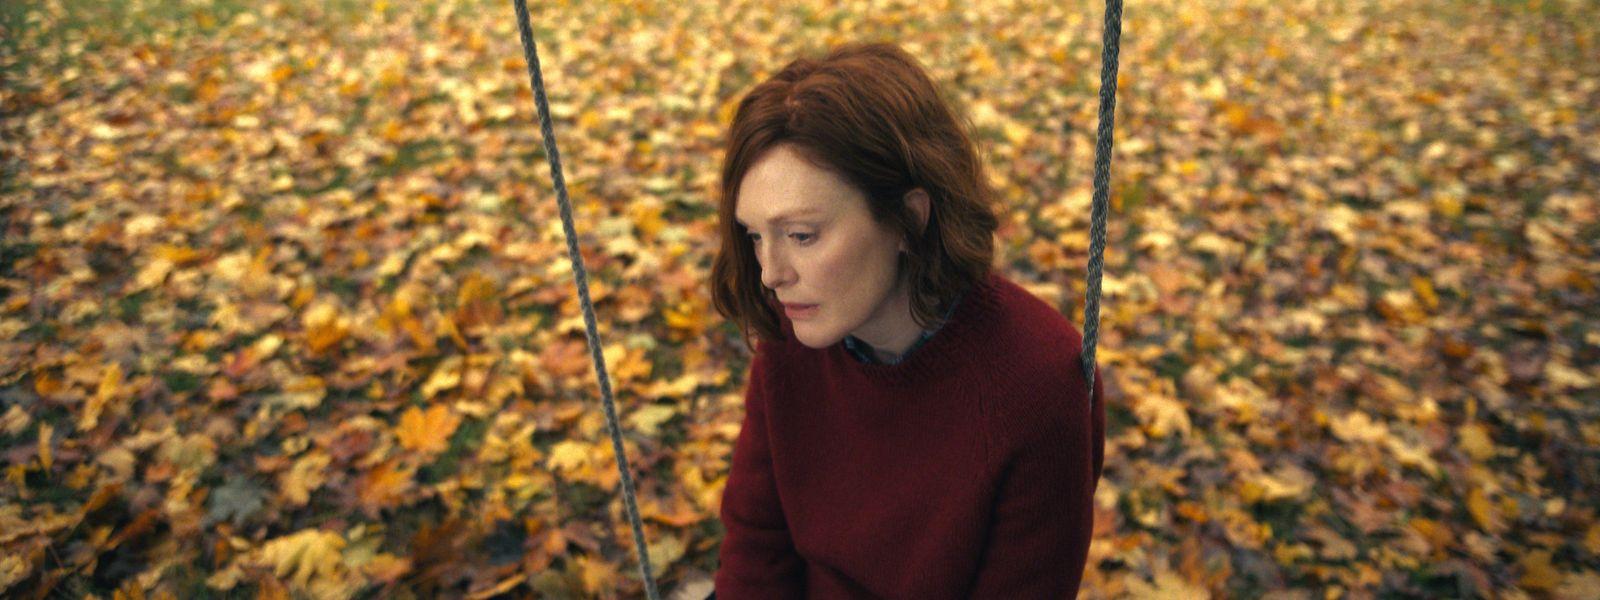 """Julianne Moore übernimmt die Hauptrolle in der von Stephen King geschriebenen Serie """"Lisey's Story"""" bei AppleTV+."""